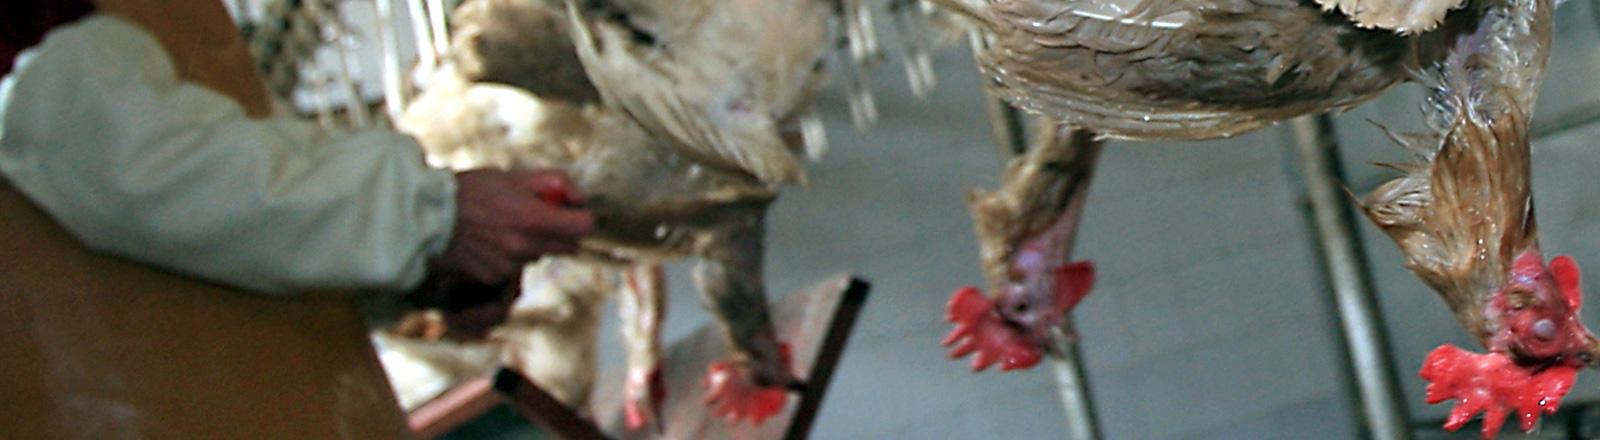 Hühner hängen kopfüber in einem Schlachthof. Links im Bild ist eine Person zu sehen in Kittel; Foto: dpa